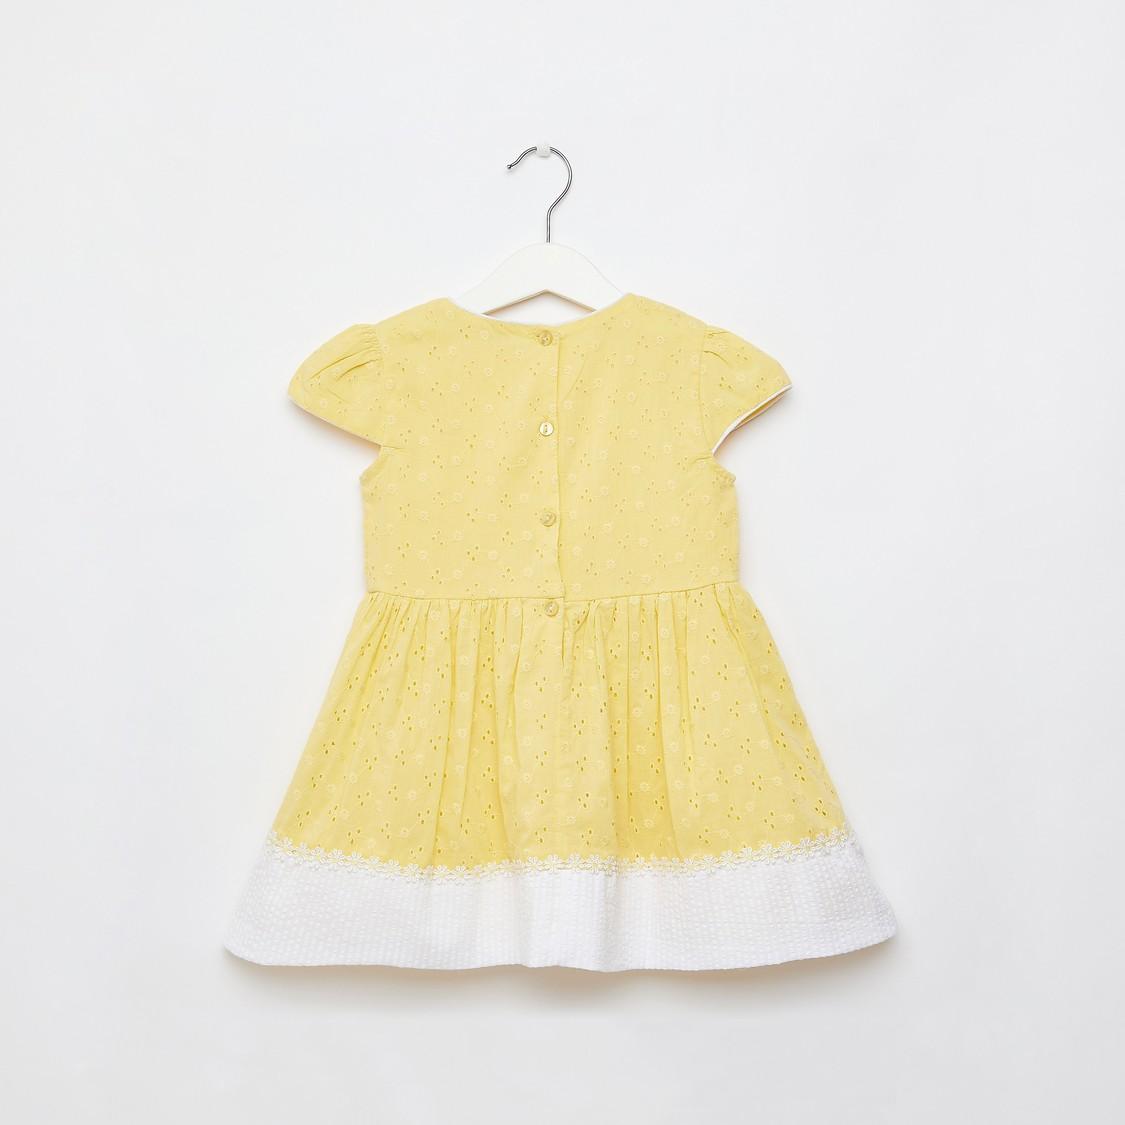 فستان بأكمام كاب وتفاصيل شيفلي